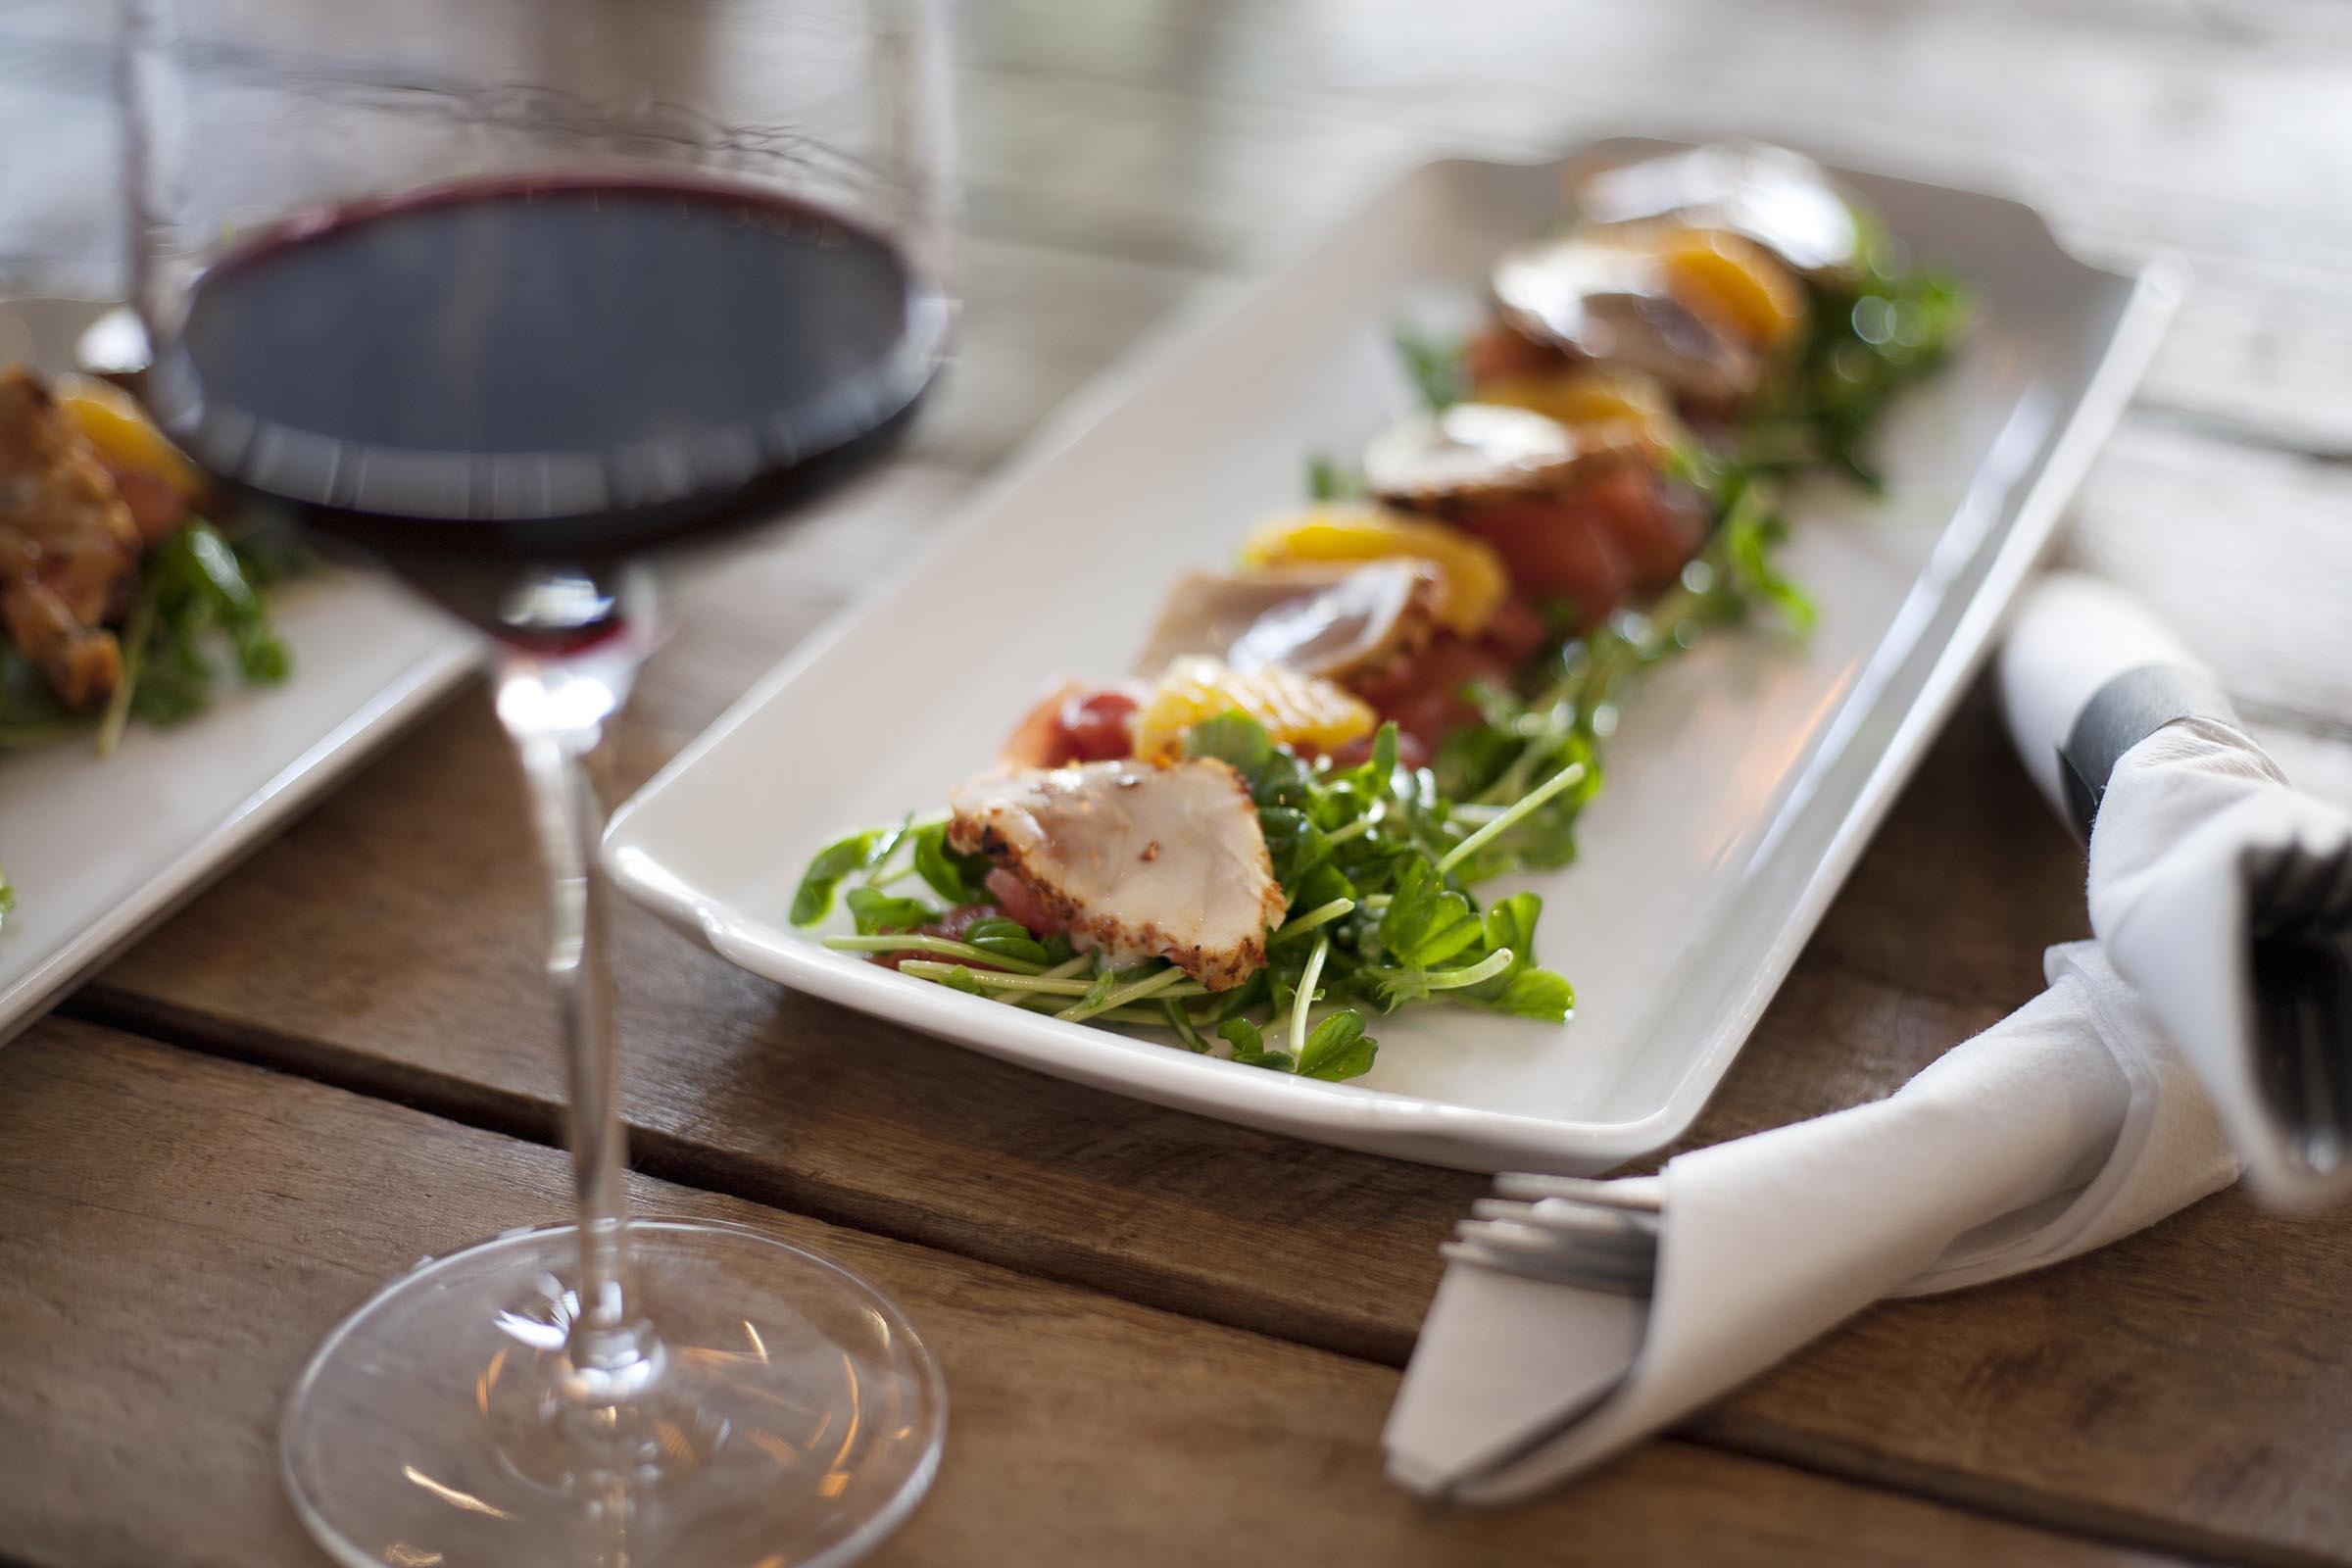 Fresh Tuna And Red Wine